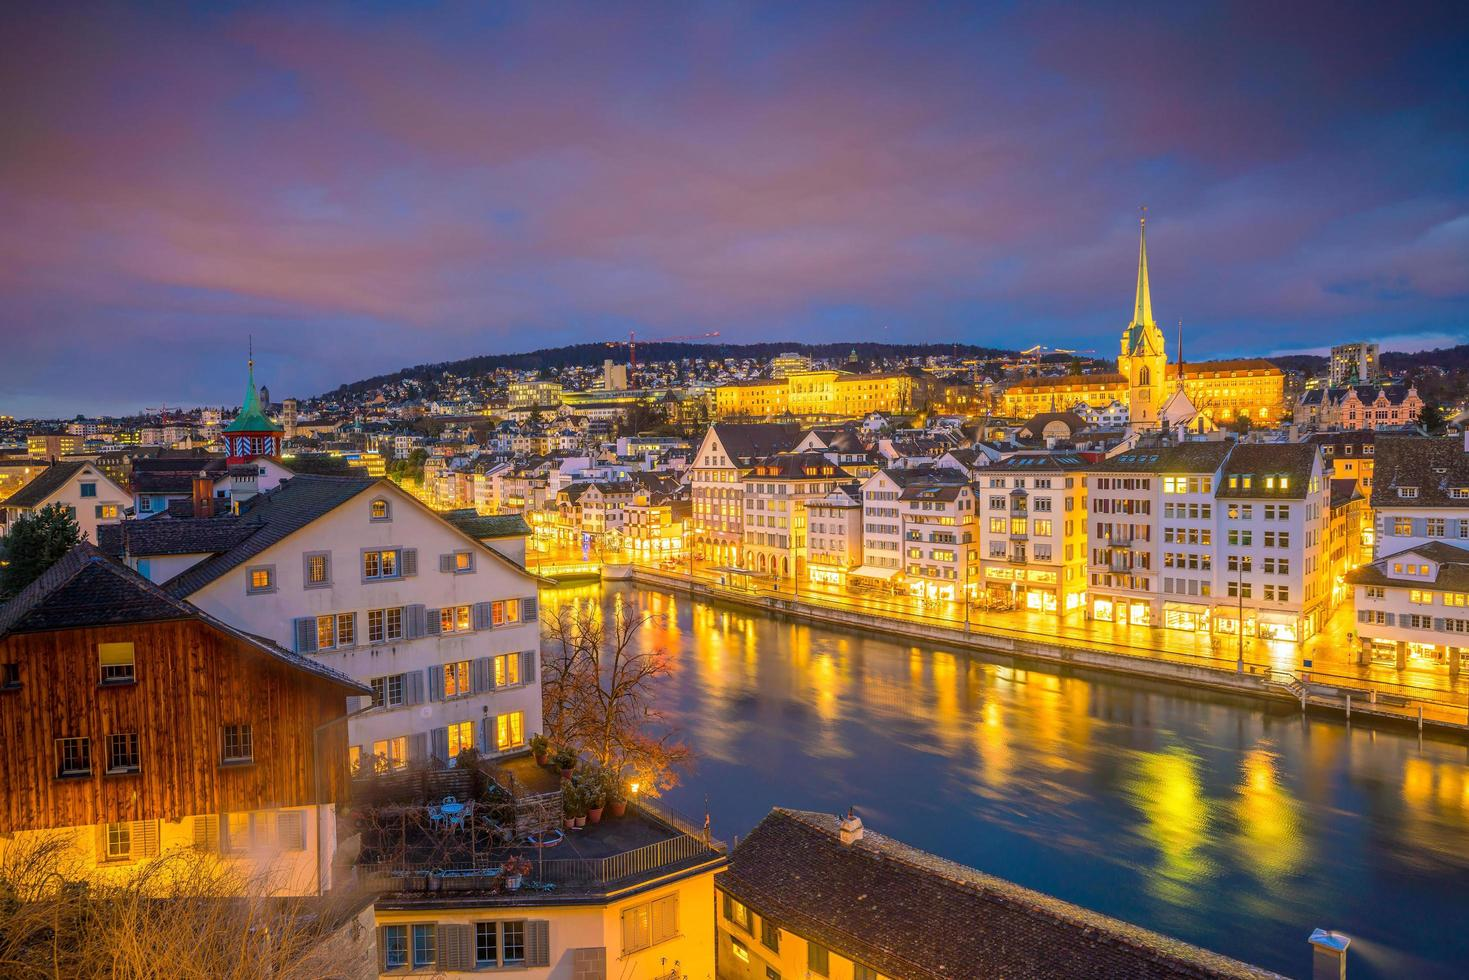 Cityscape of downtown Zurich in Switzerland photo